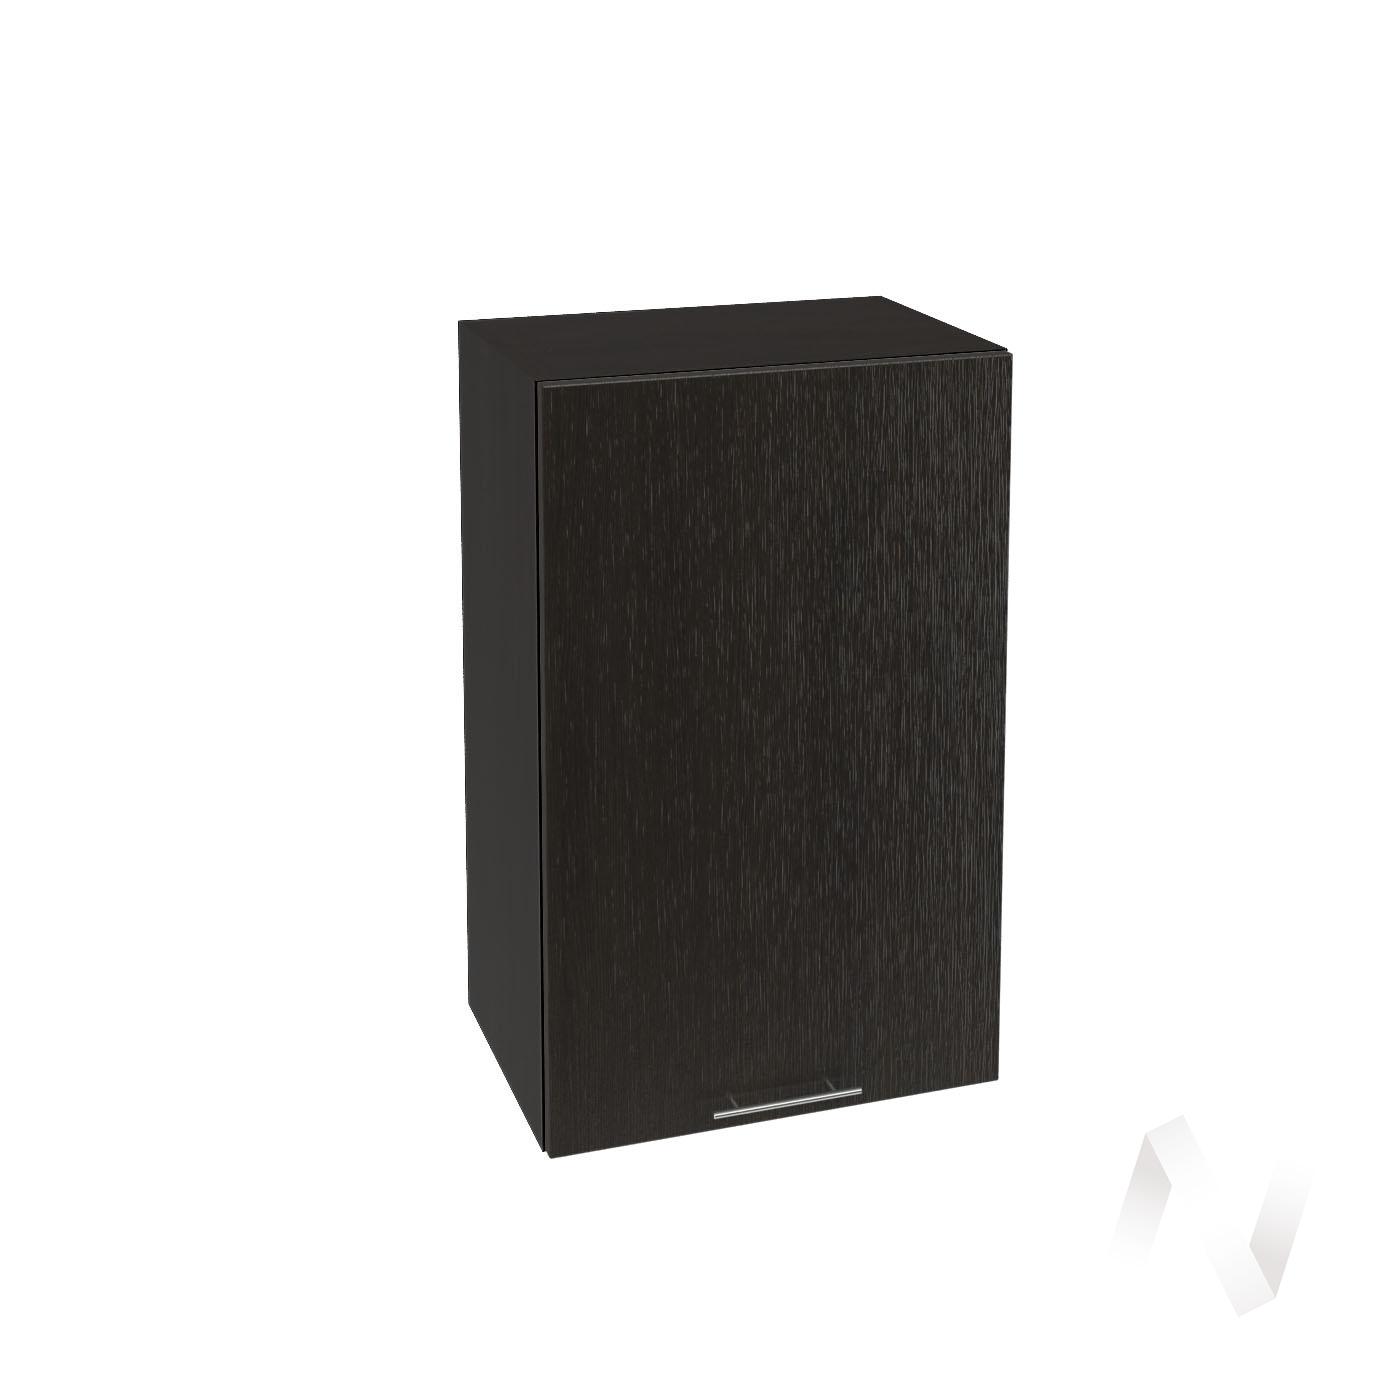 """Кухня """"Валерия-М"""": Шкаф верхний 450, ШВ 450 (венге/корпус венге)"""